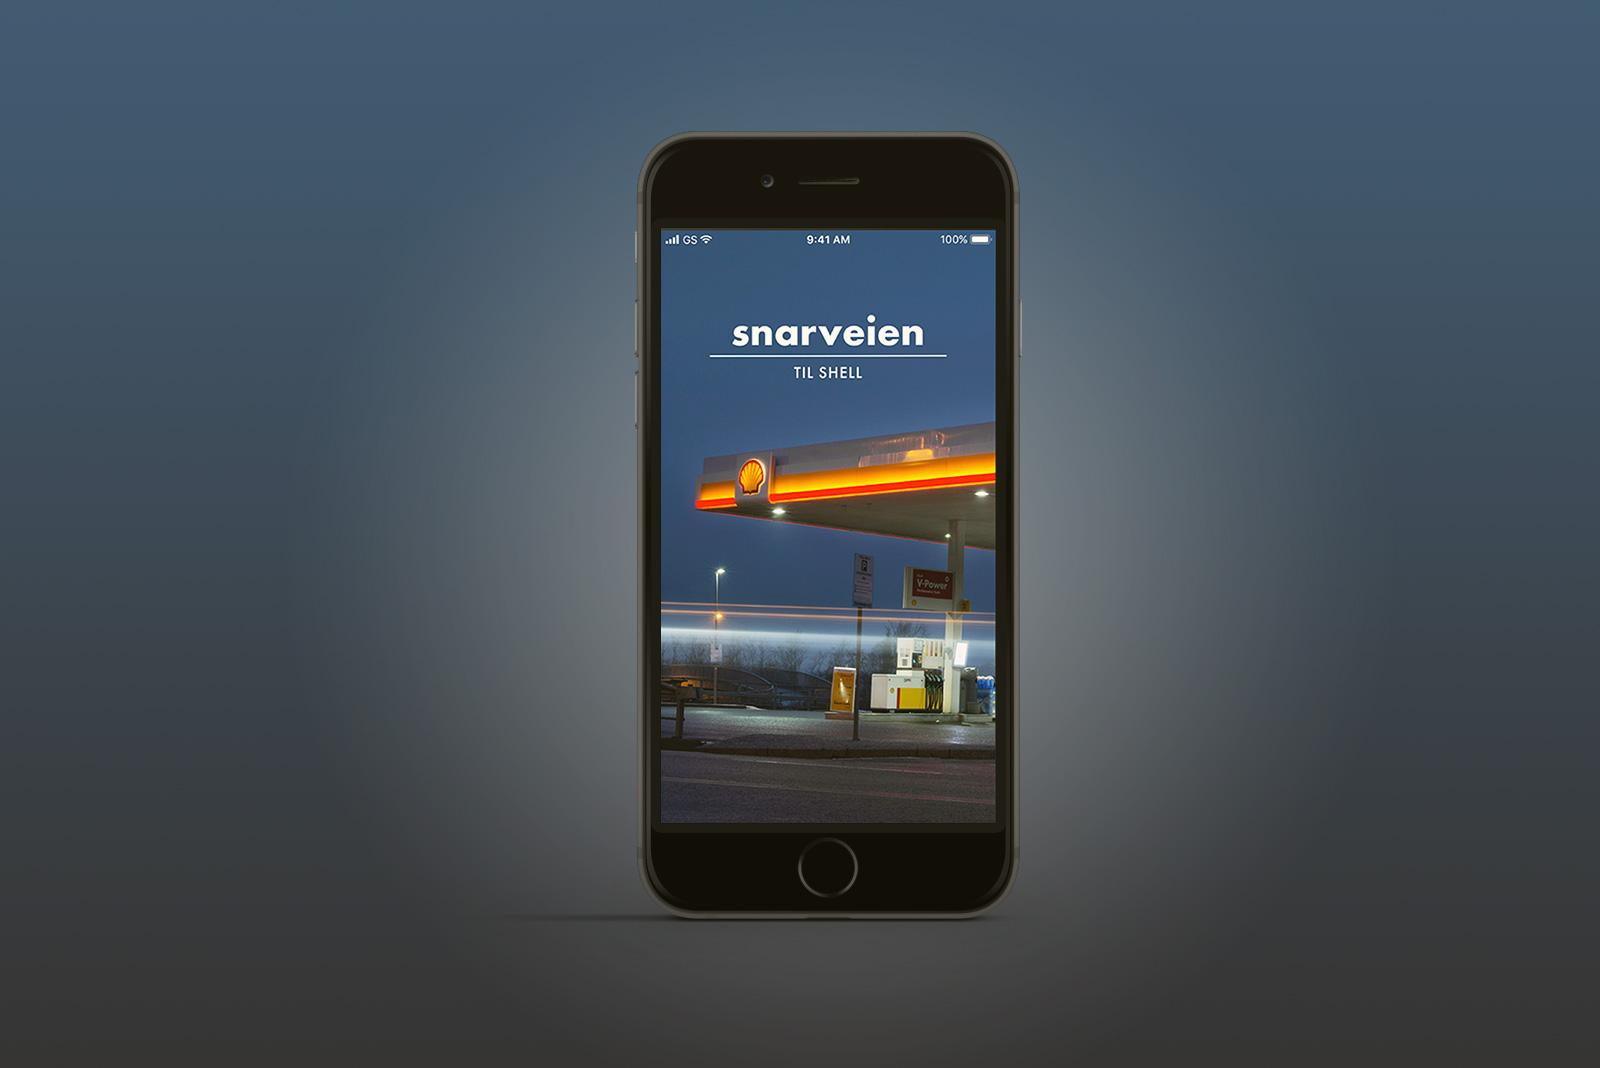 Snarveien til Shell app